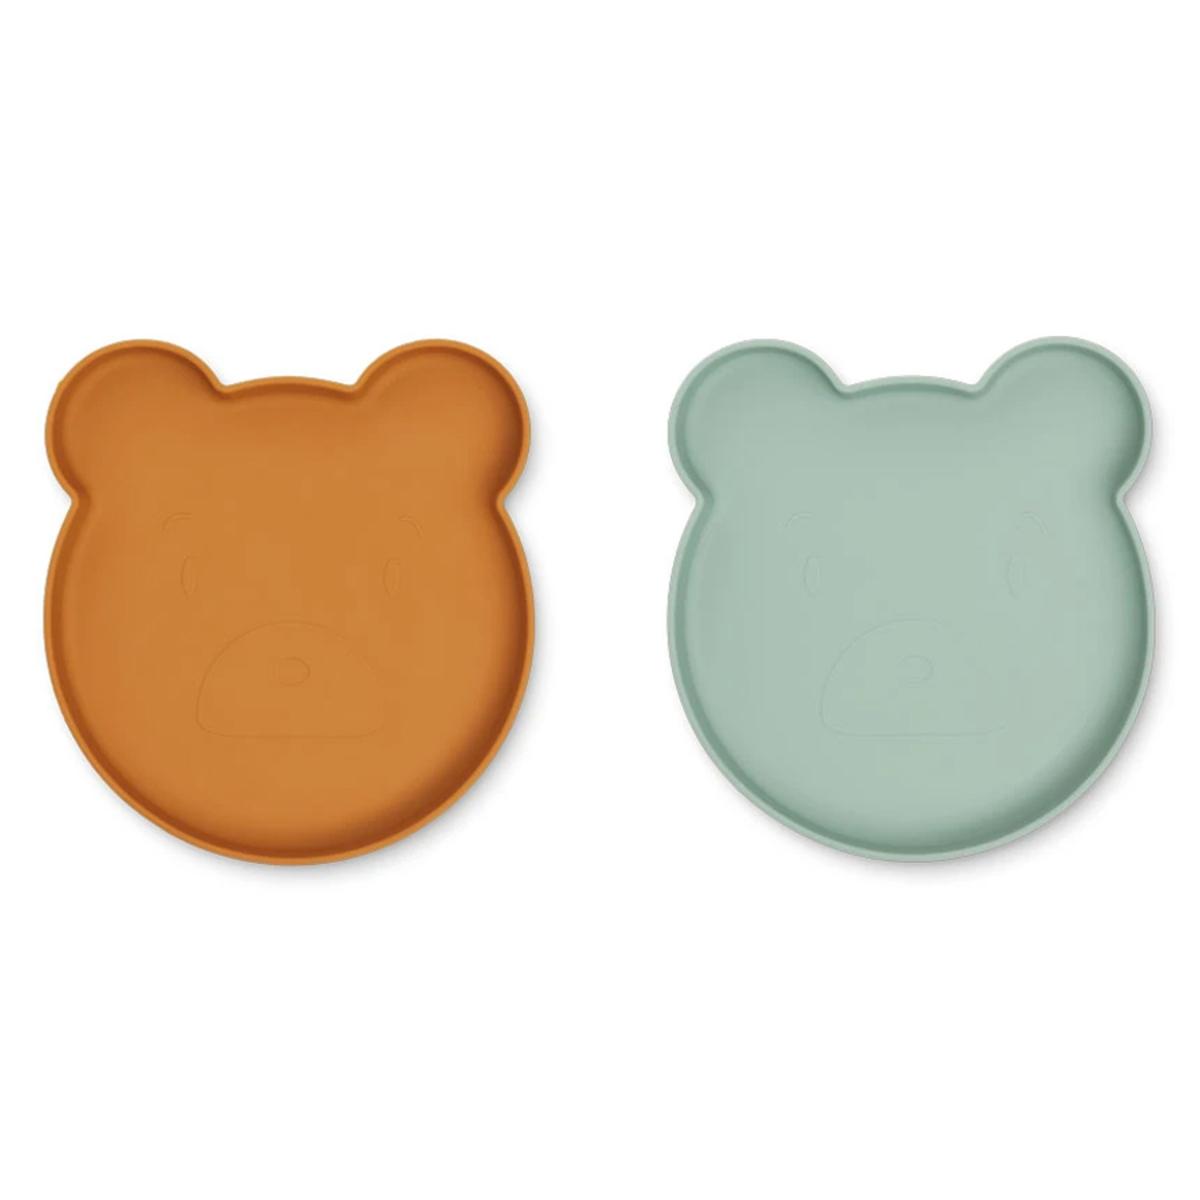 Vaisselle & Couvert Lot de 2 Assiettes Olivia Marty - Mr Bear Mustard Peppermint Mix Lot de 2 Assiettes Olivia Marty - Mr Bear Mustard Peppermint Mix